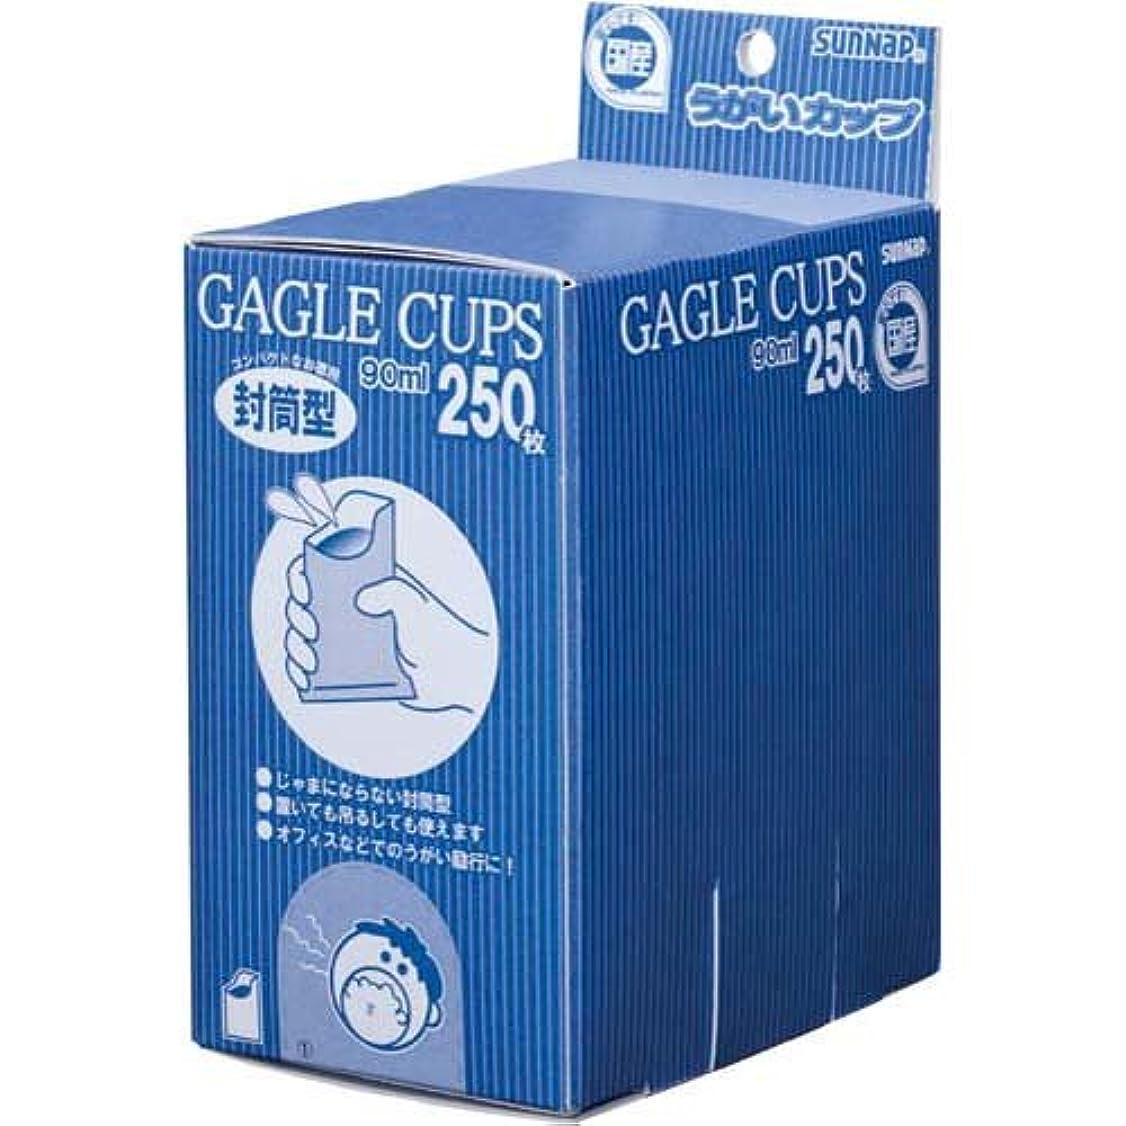 驚くべき最も原油サンナップ 封筒型うがいカップ250枚×5箱